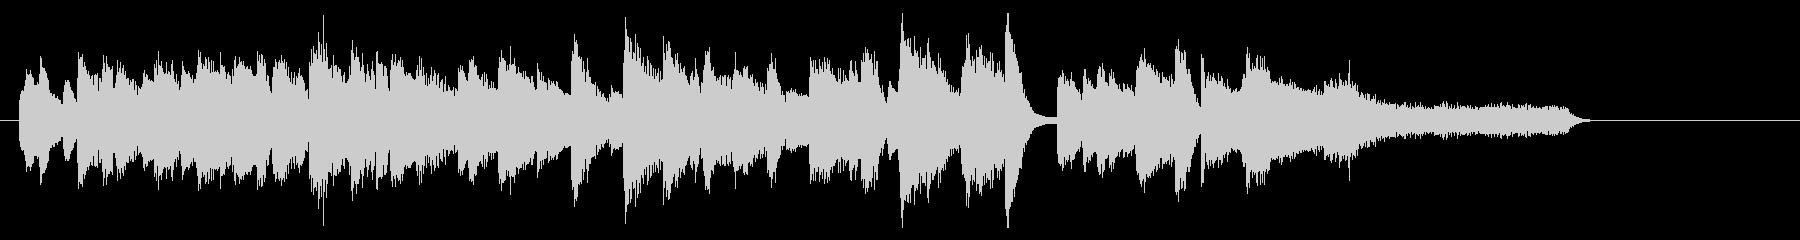 明るく元気なジャズピアノジングル10 の未再生の波形